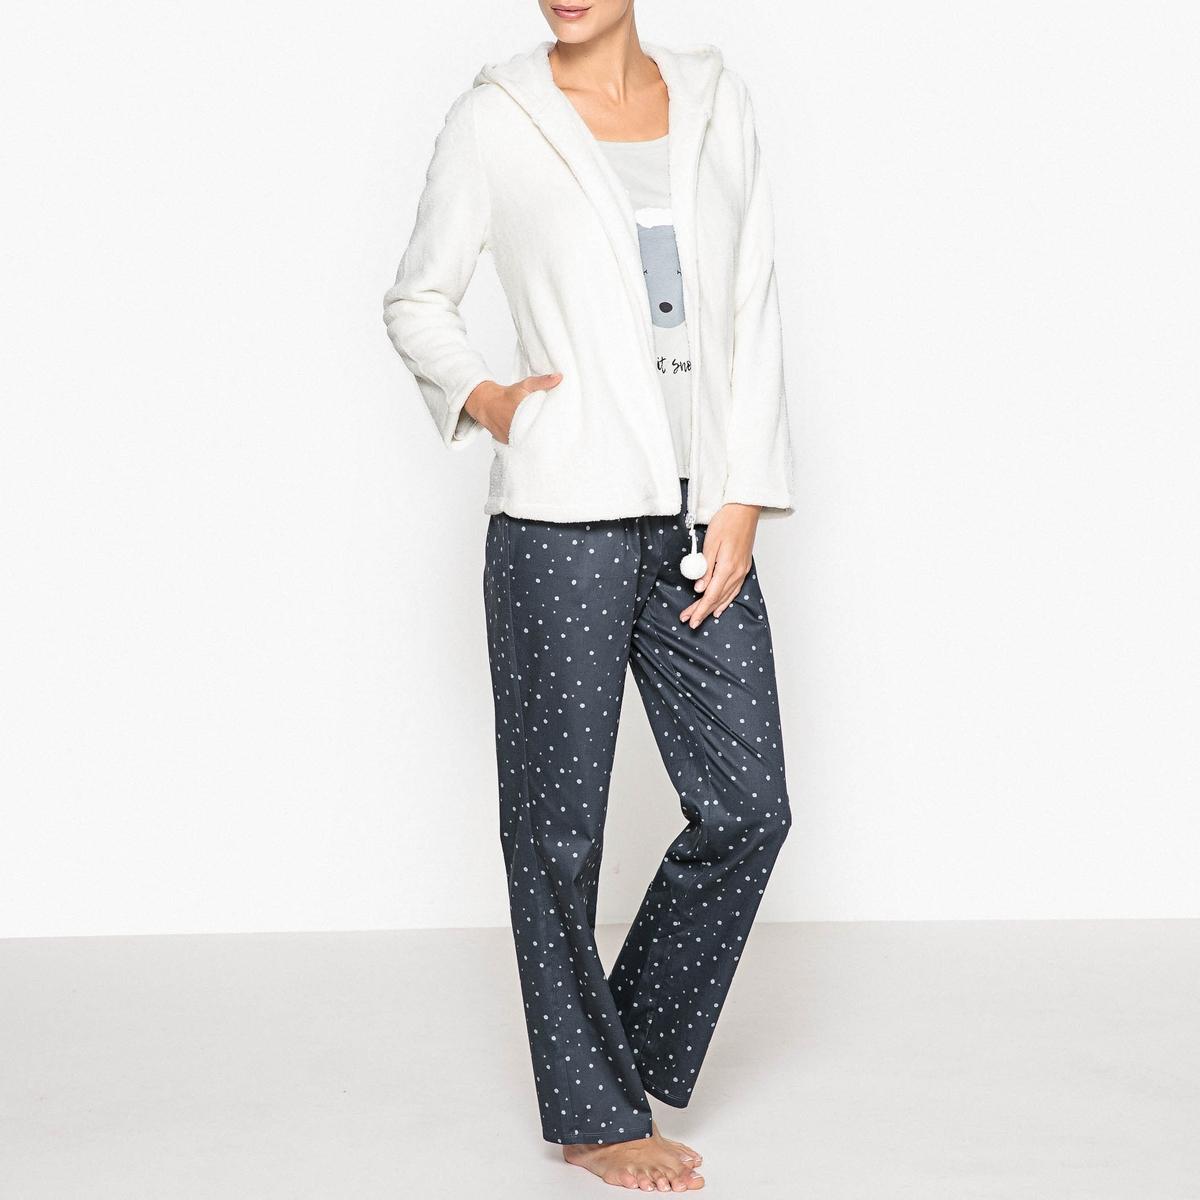 Пижама из 3 предметов ur женщин шнурок с капюшоном с длинными рукавами свитер футболка печать yv10s4jn2001 глубокий черный l